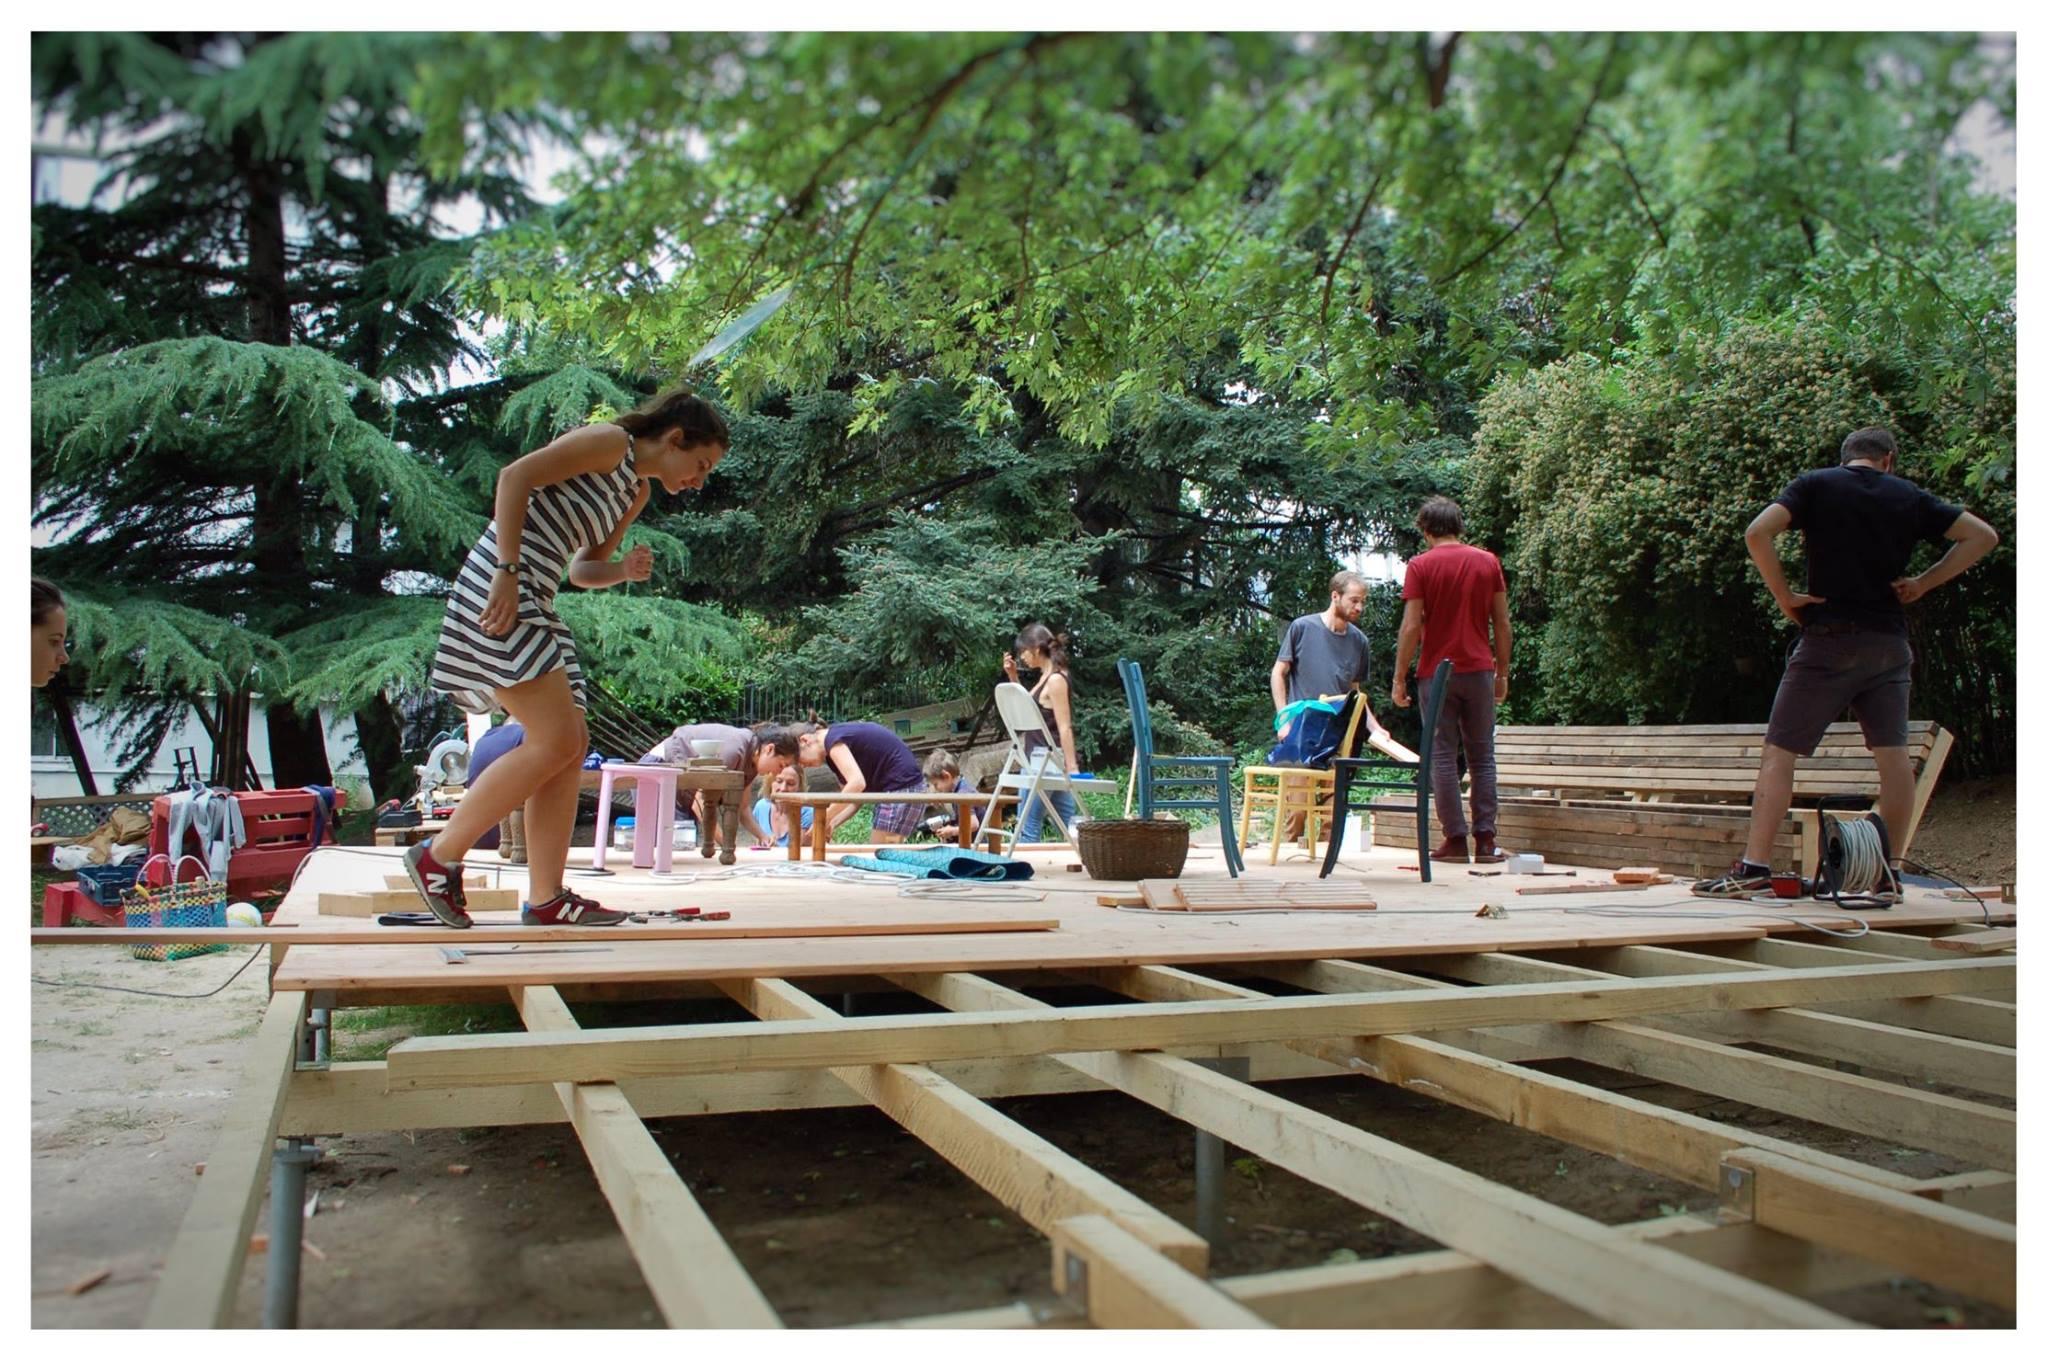 YA+K - yaplusk - Baleine Verte - chantier participatif à Paris 12ème (1)